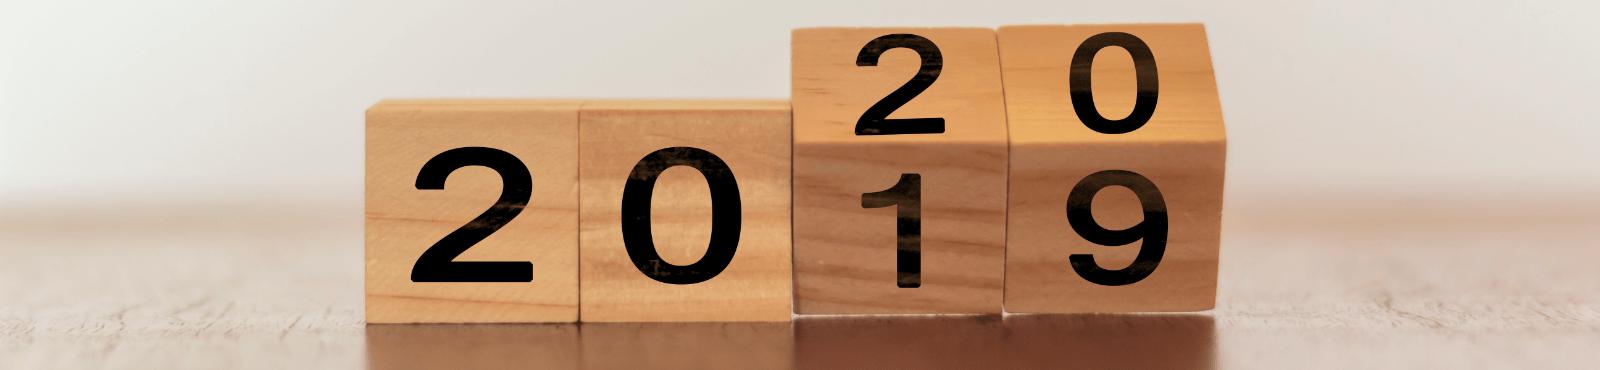 Jahresende in Sicht: Außenstände, Umsatz und Gewinn überwachen!